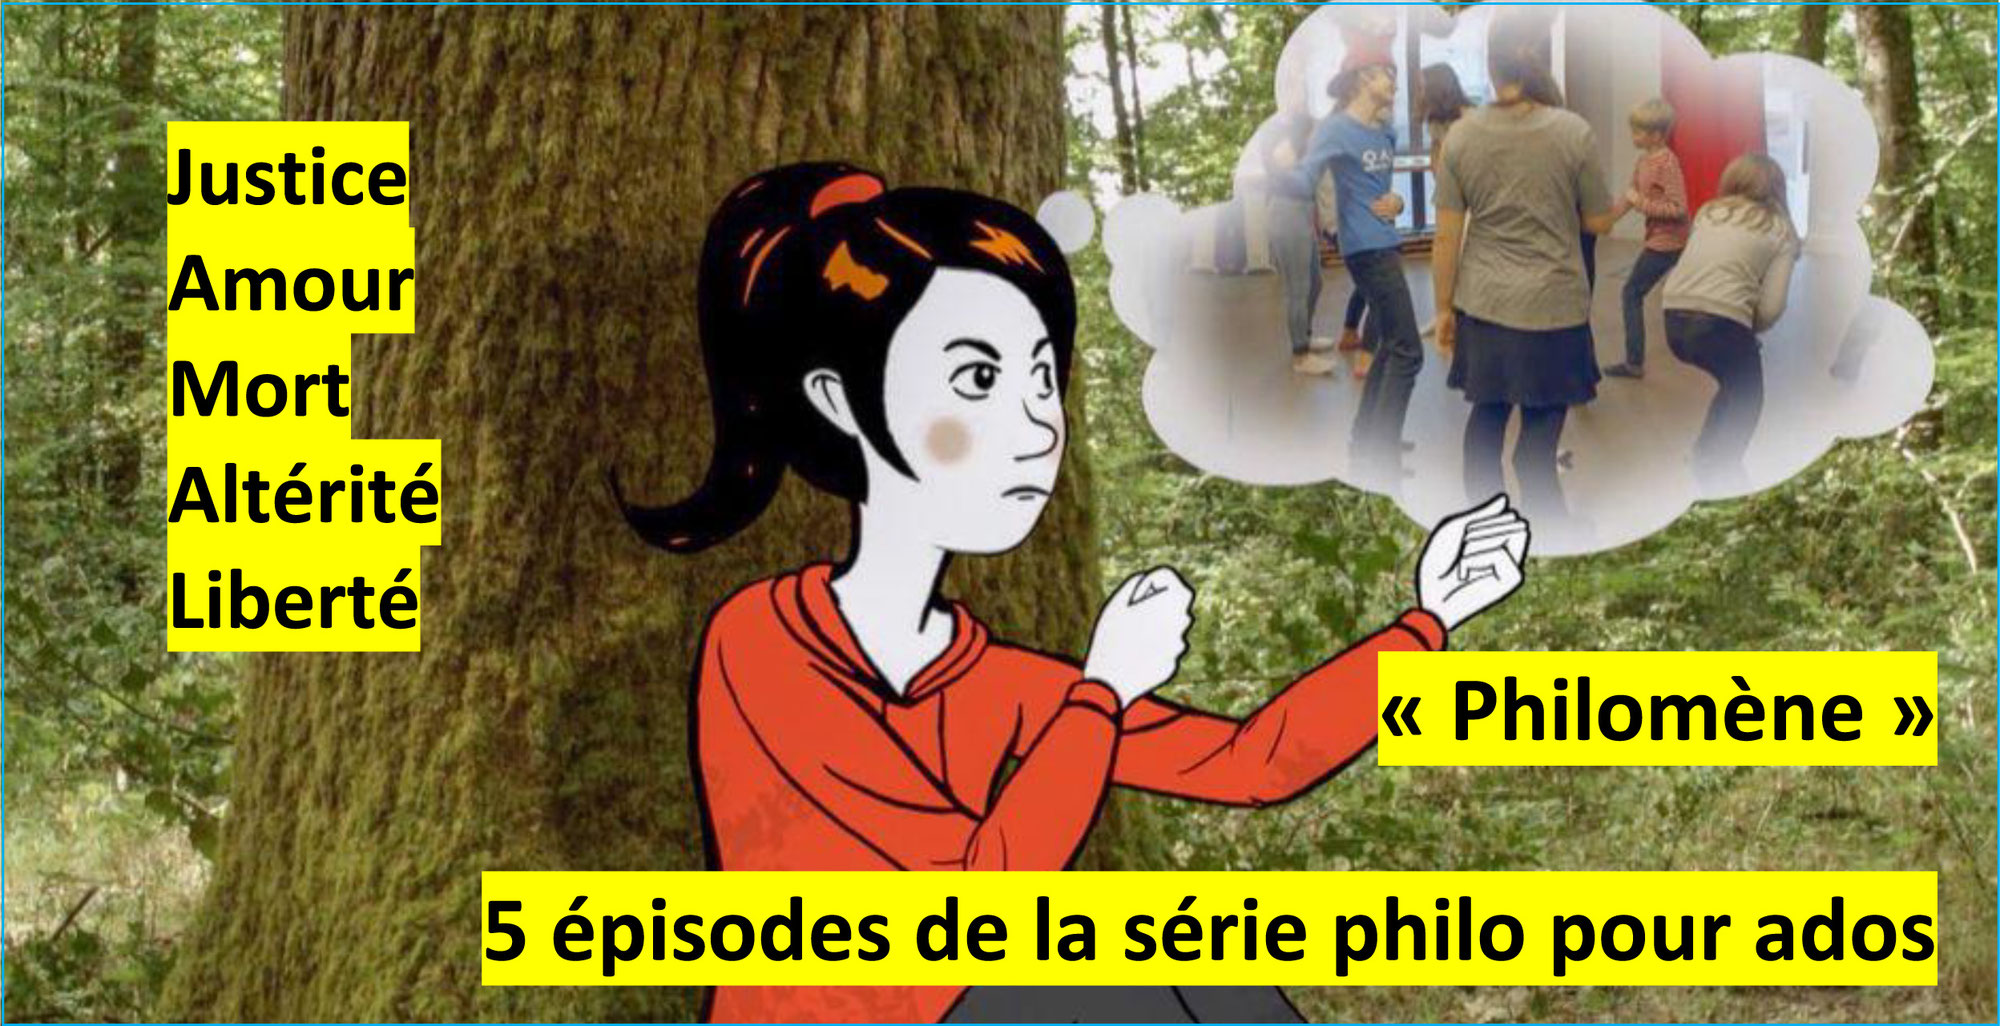 """PHILOMENE """"TOUS PHILOSOPHES"""": la série d'ARTE pour réfléchir avec les ados"""